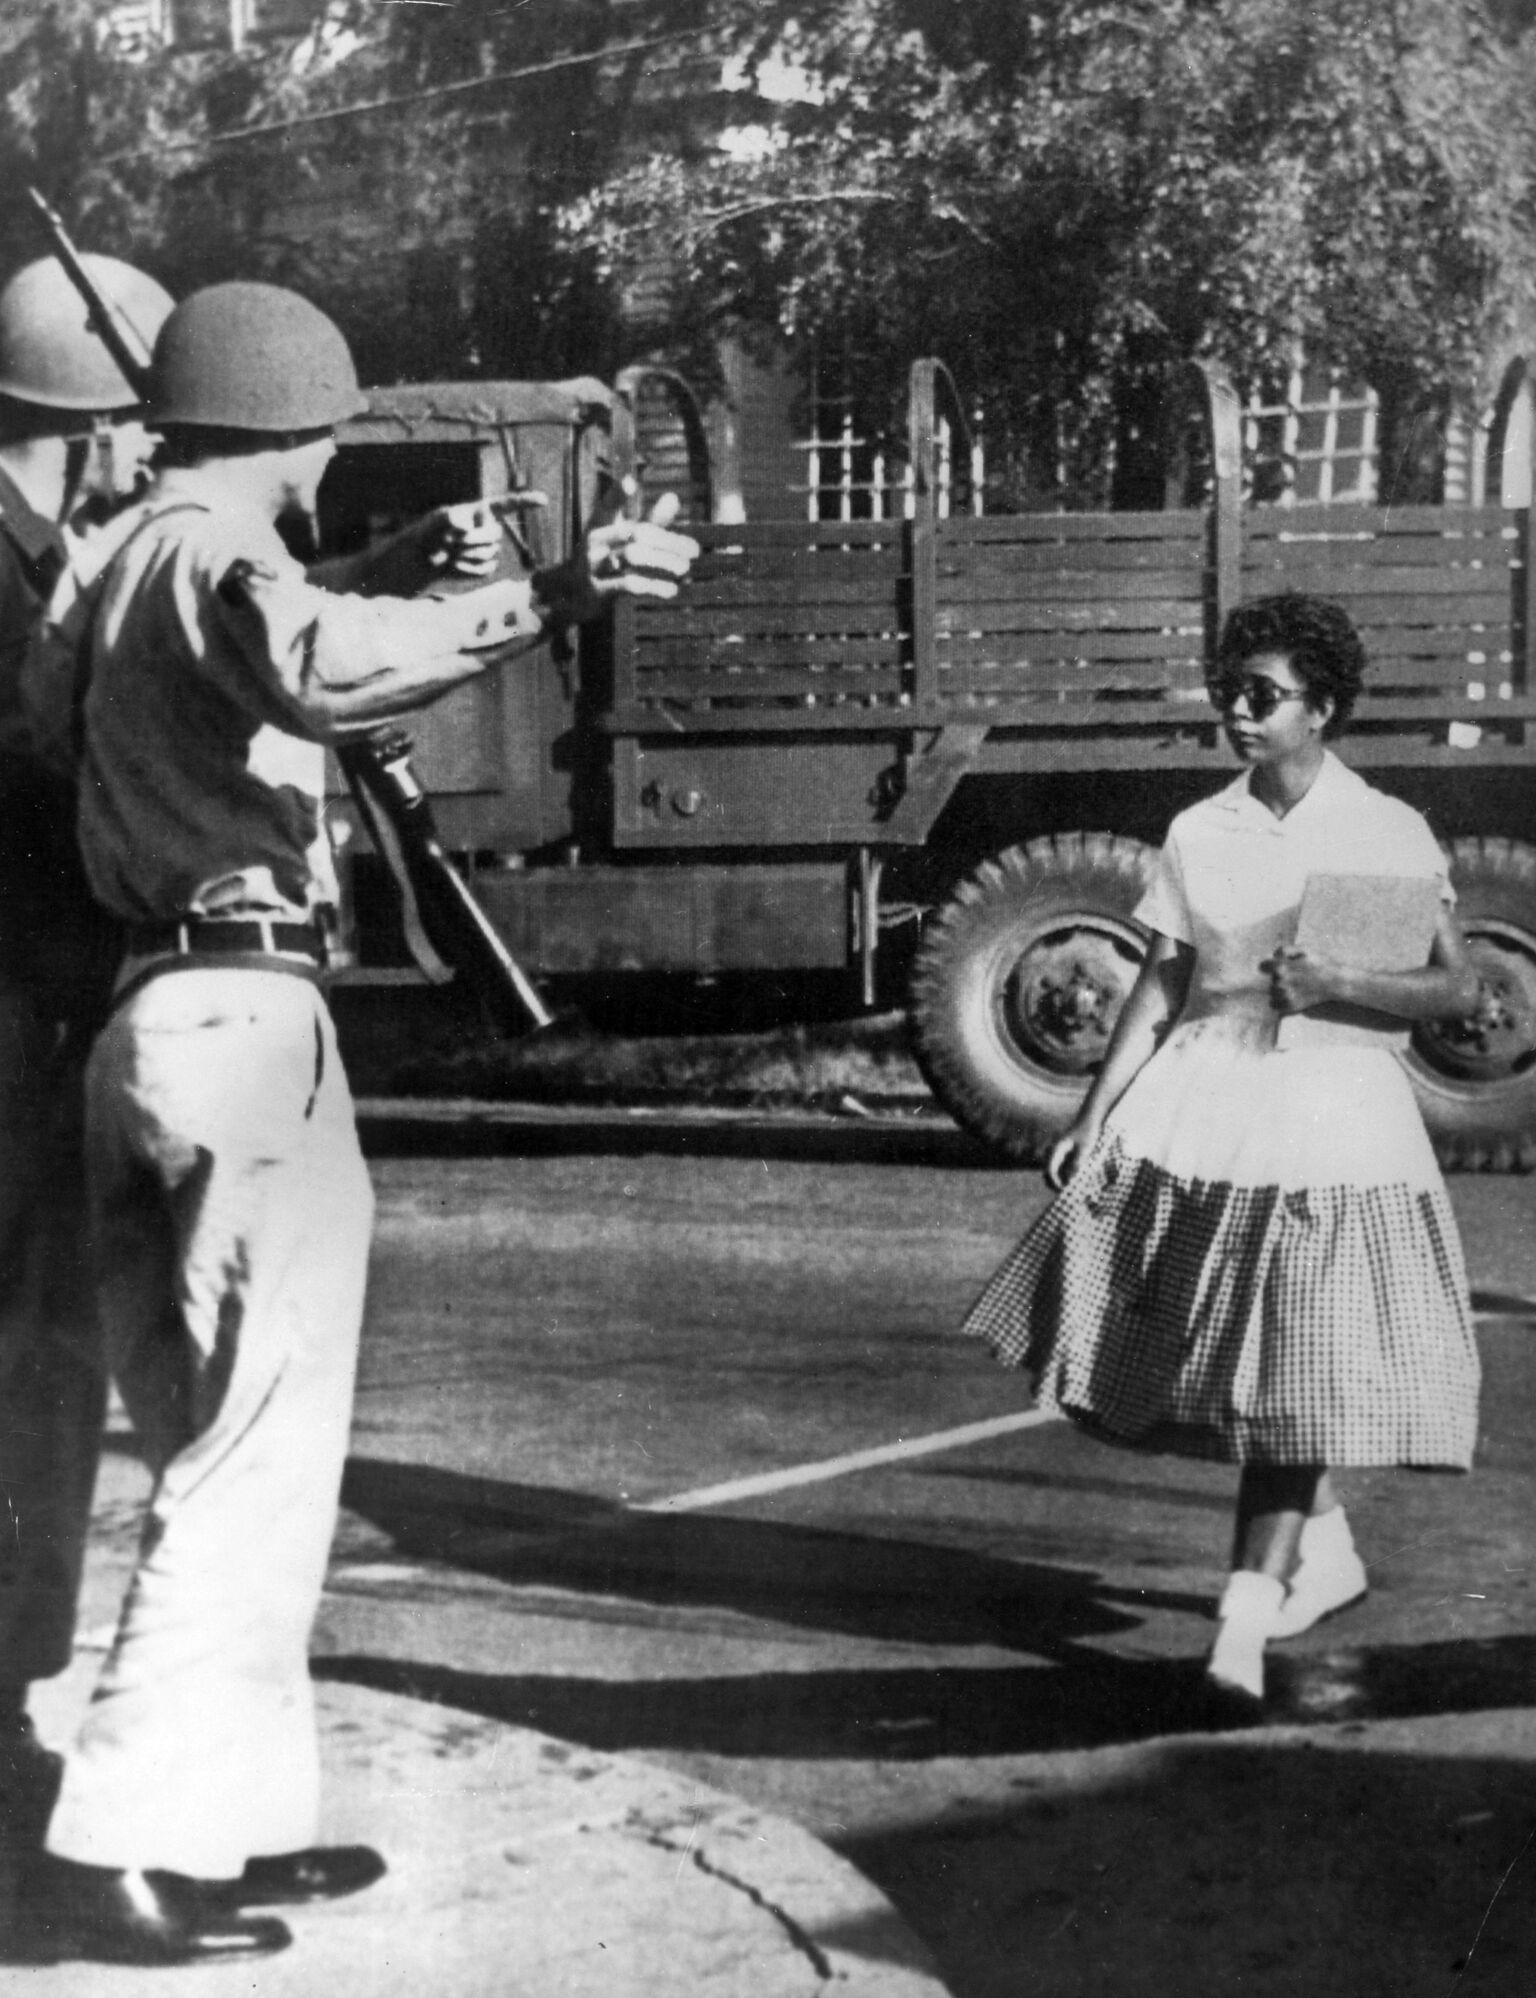 Elizabeth Eckford, desegregating Little Rock's Central High School, 1957